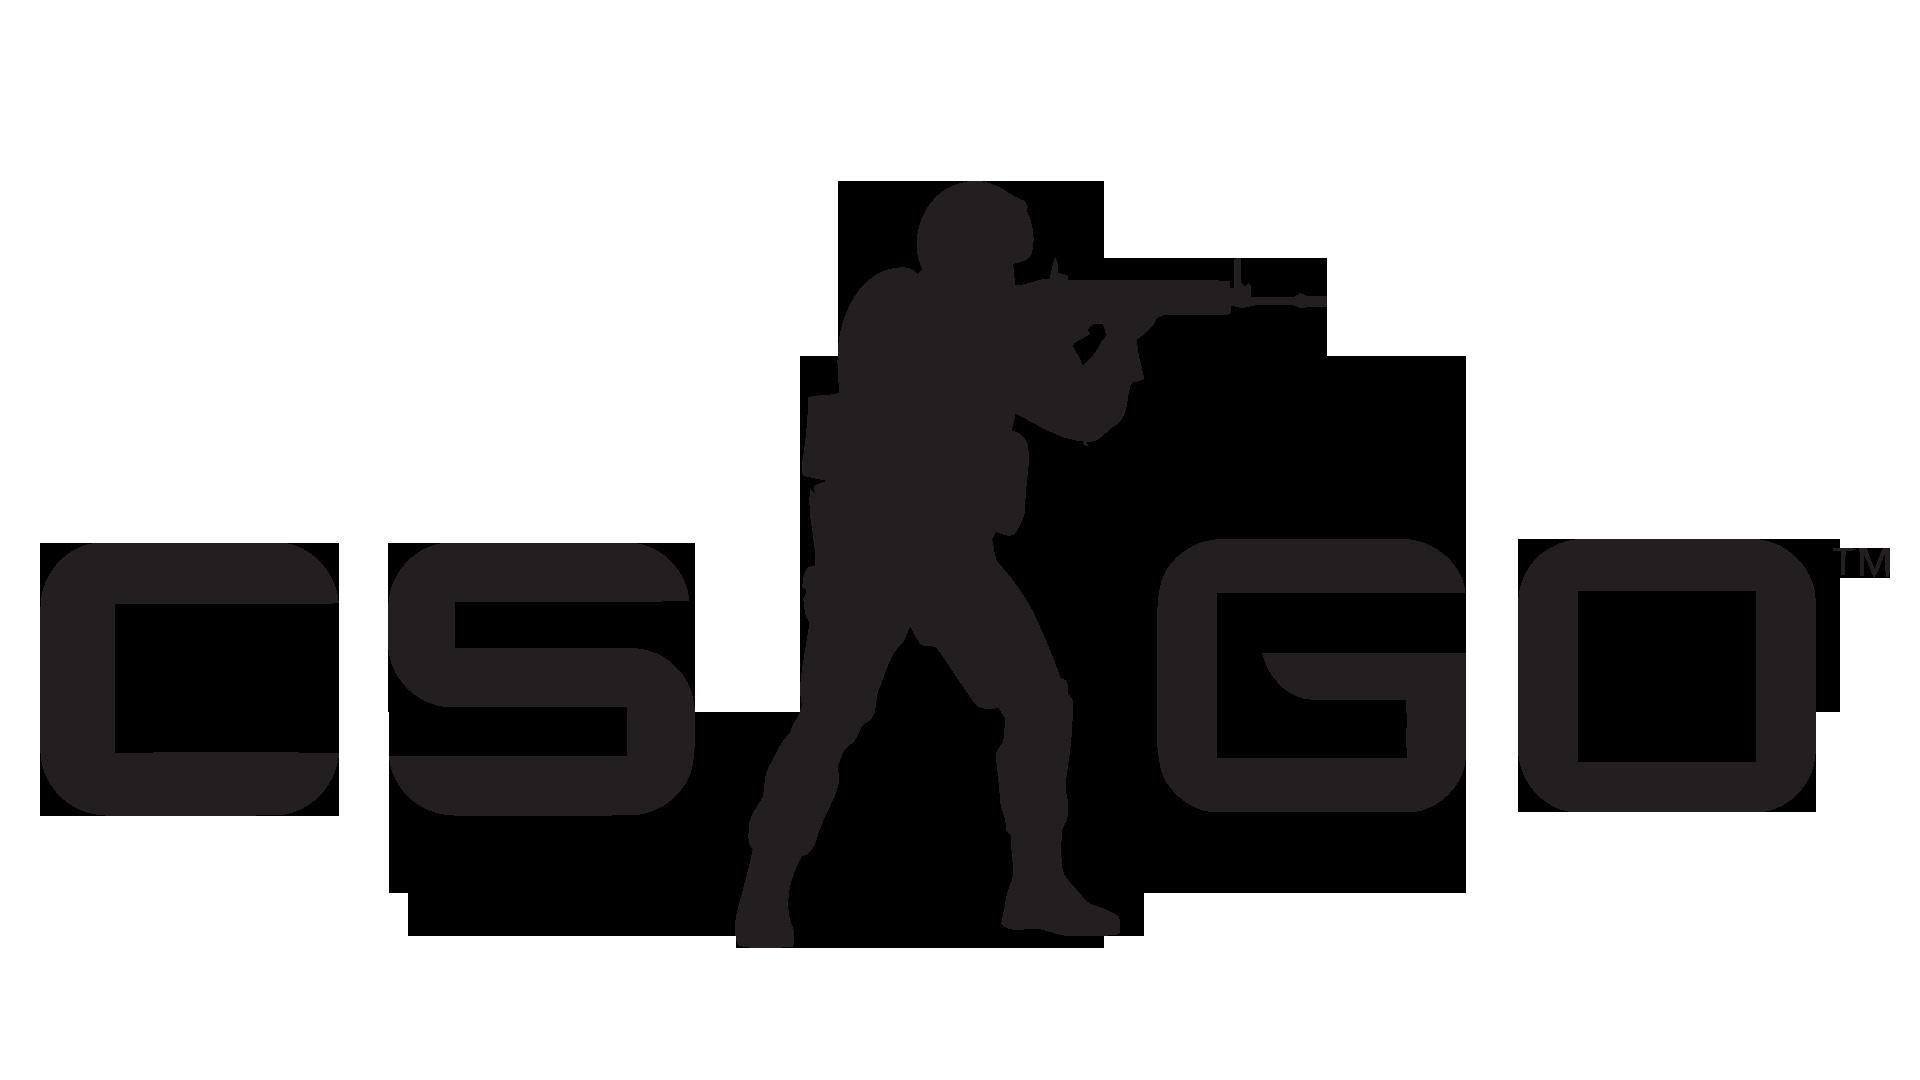 Cs:g0 logo